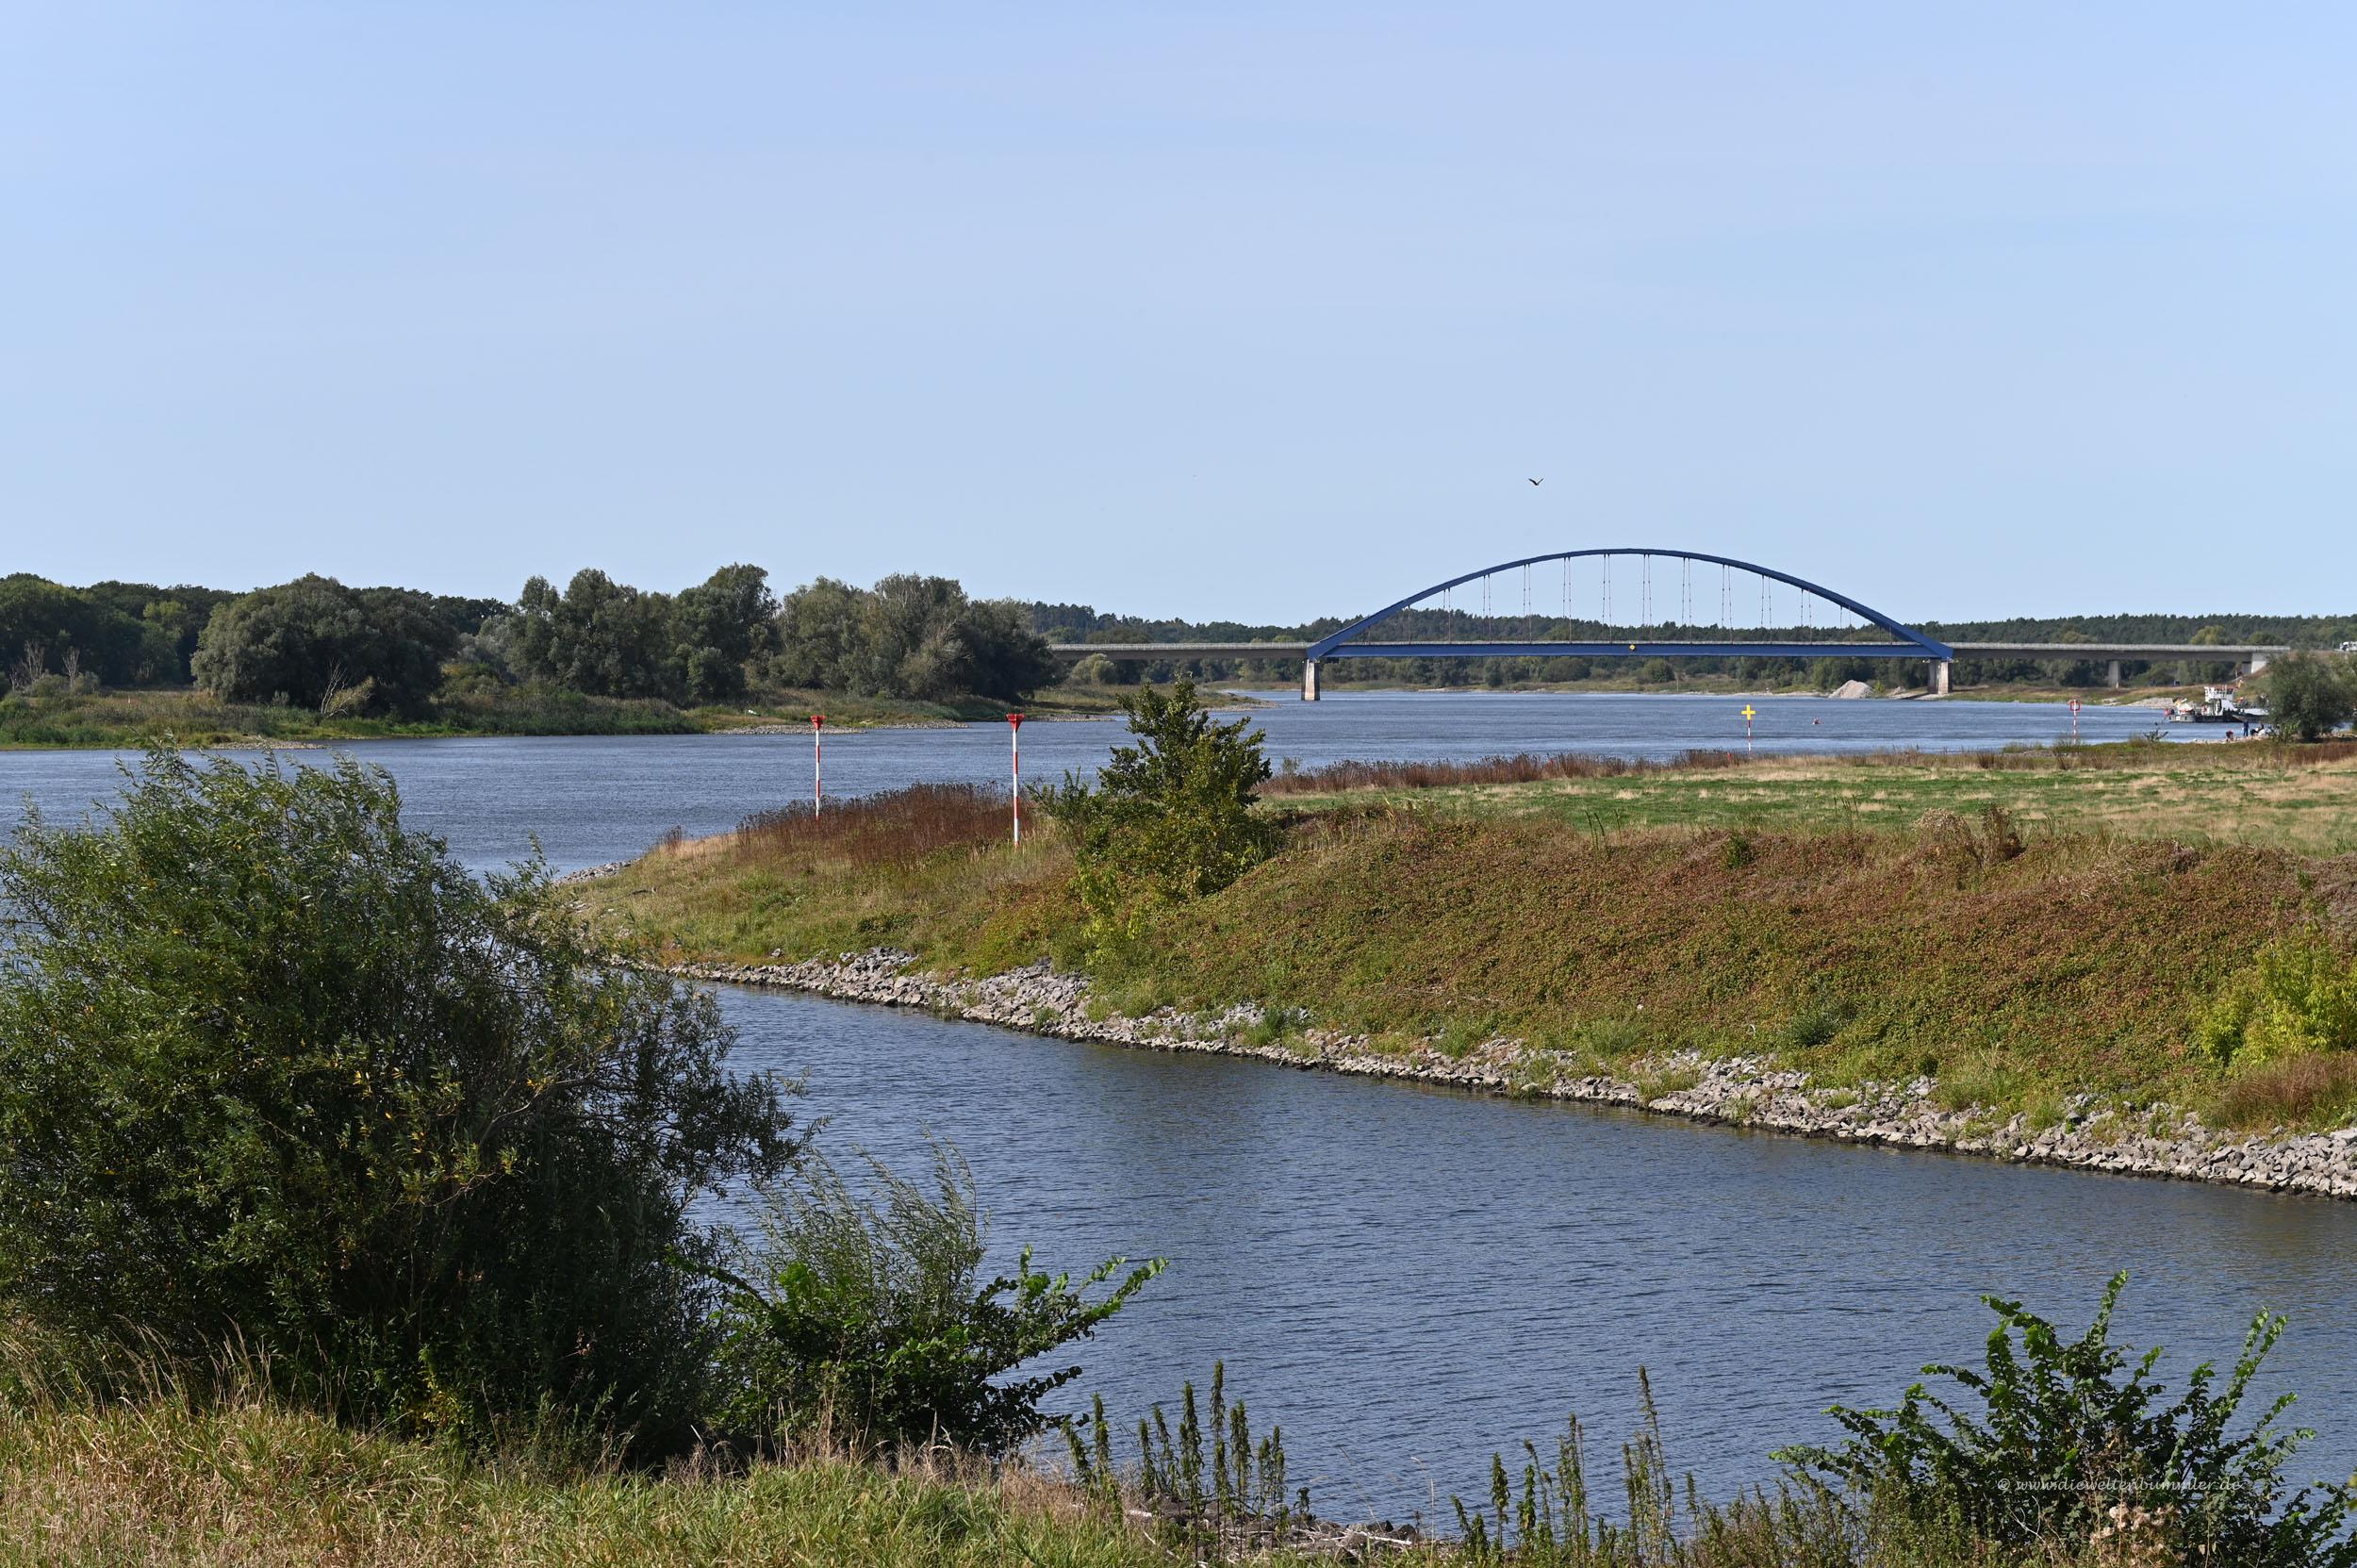 Mündung der Elde in die Elbe